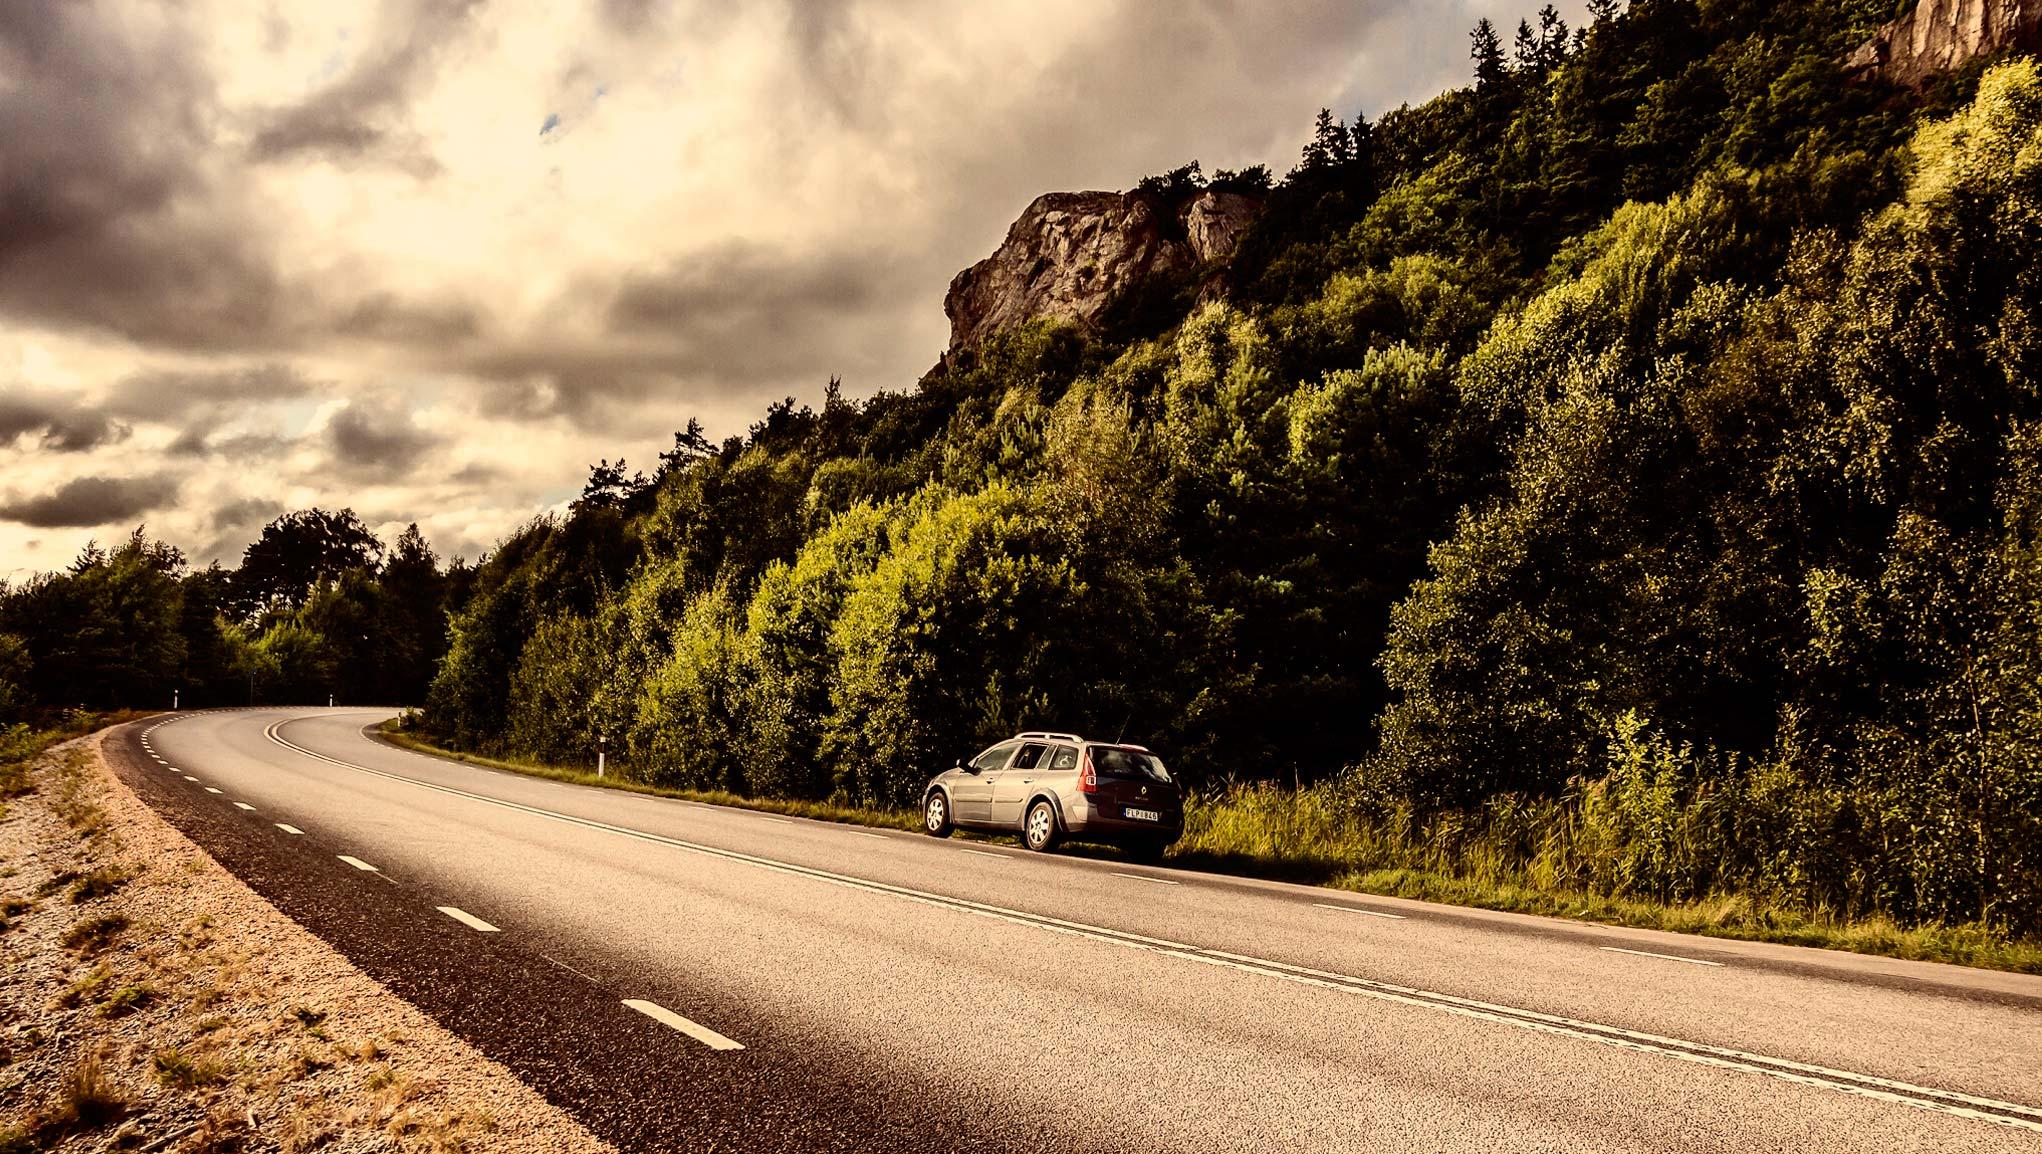 hyra bil utomlands försäkring